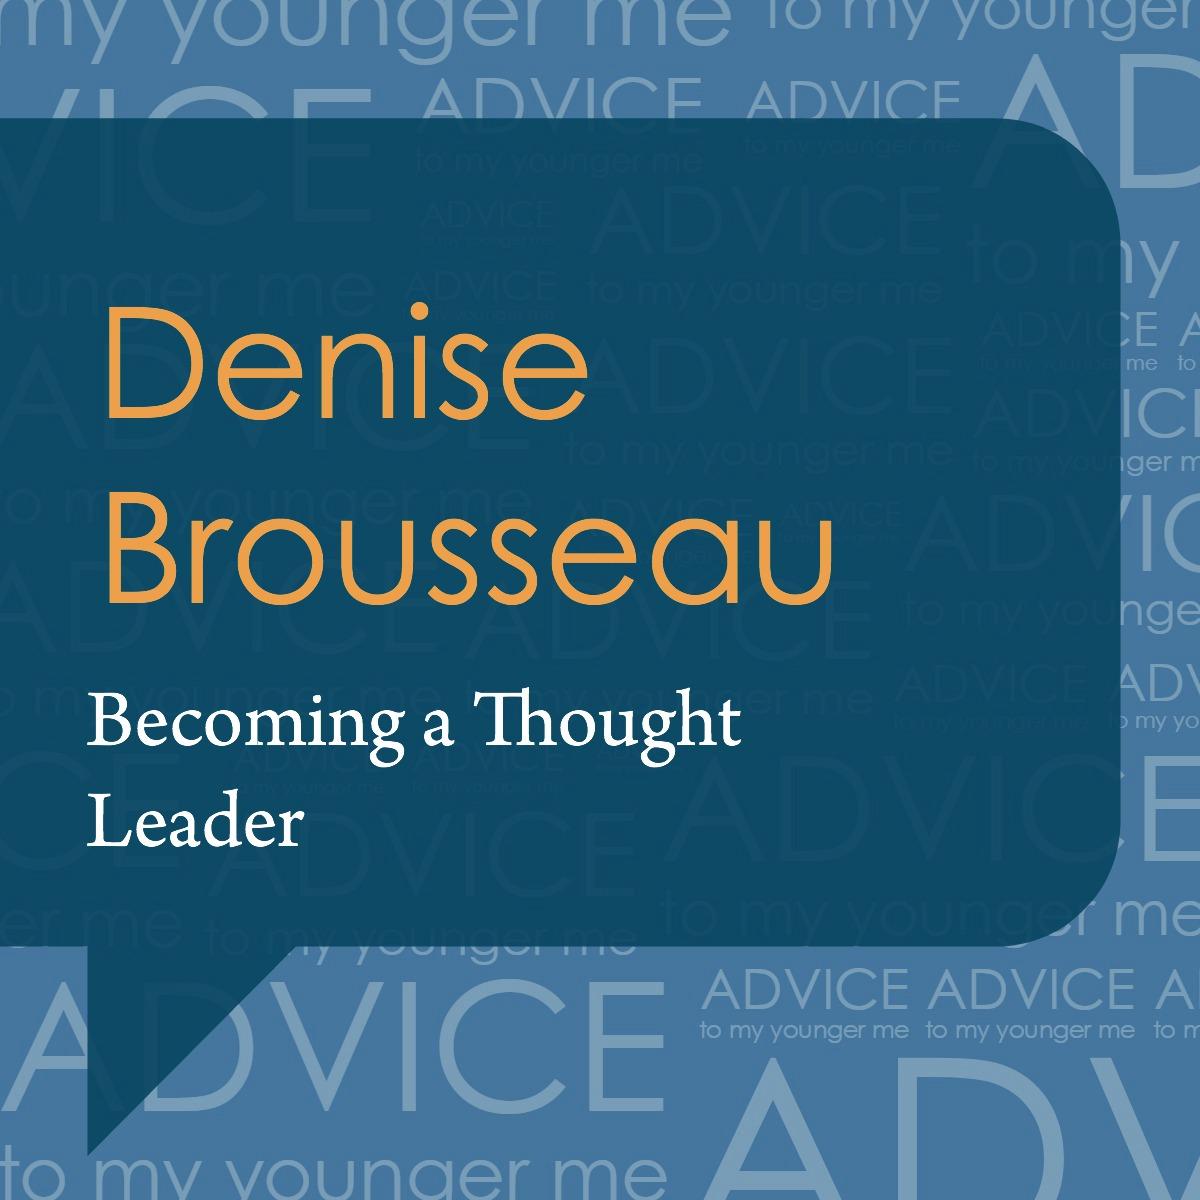 Denise Brousseau